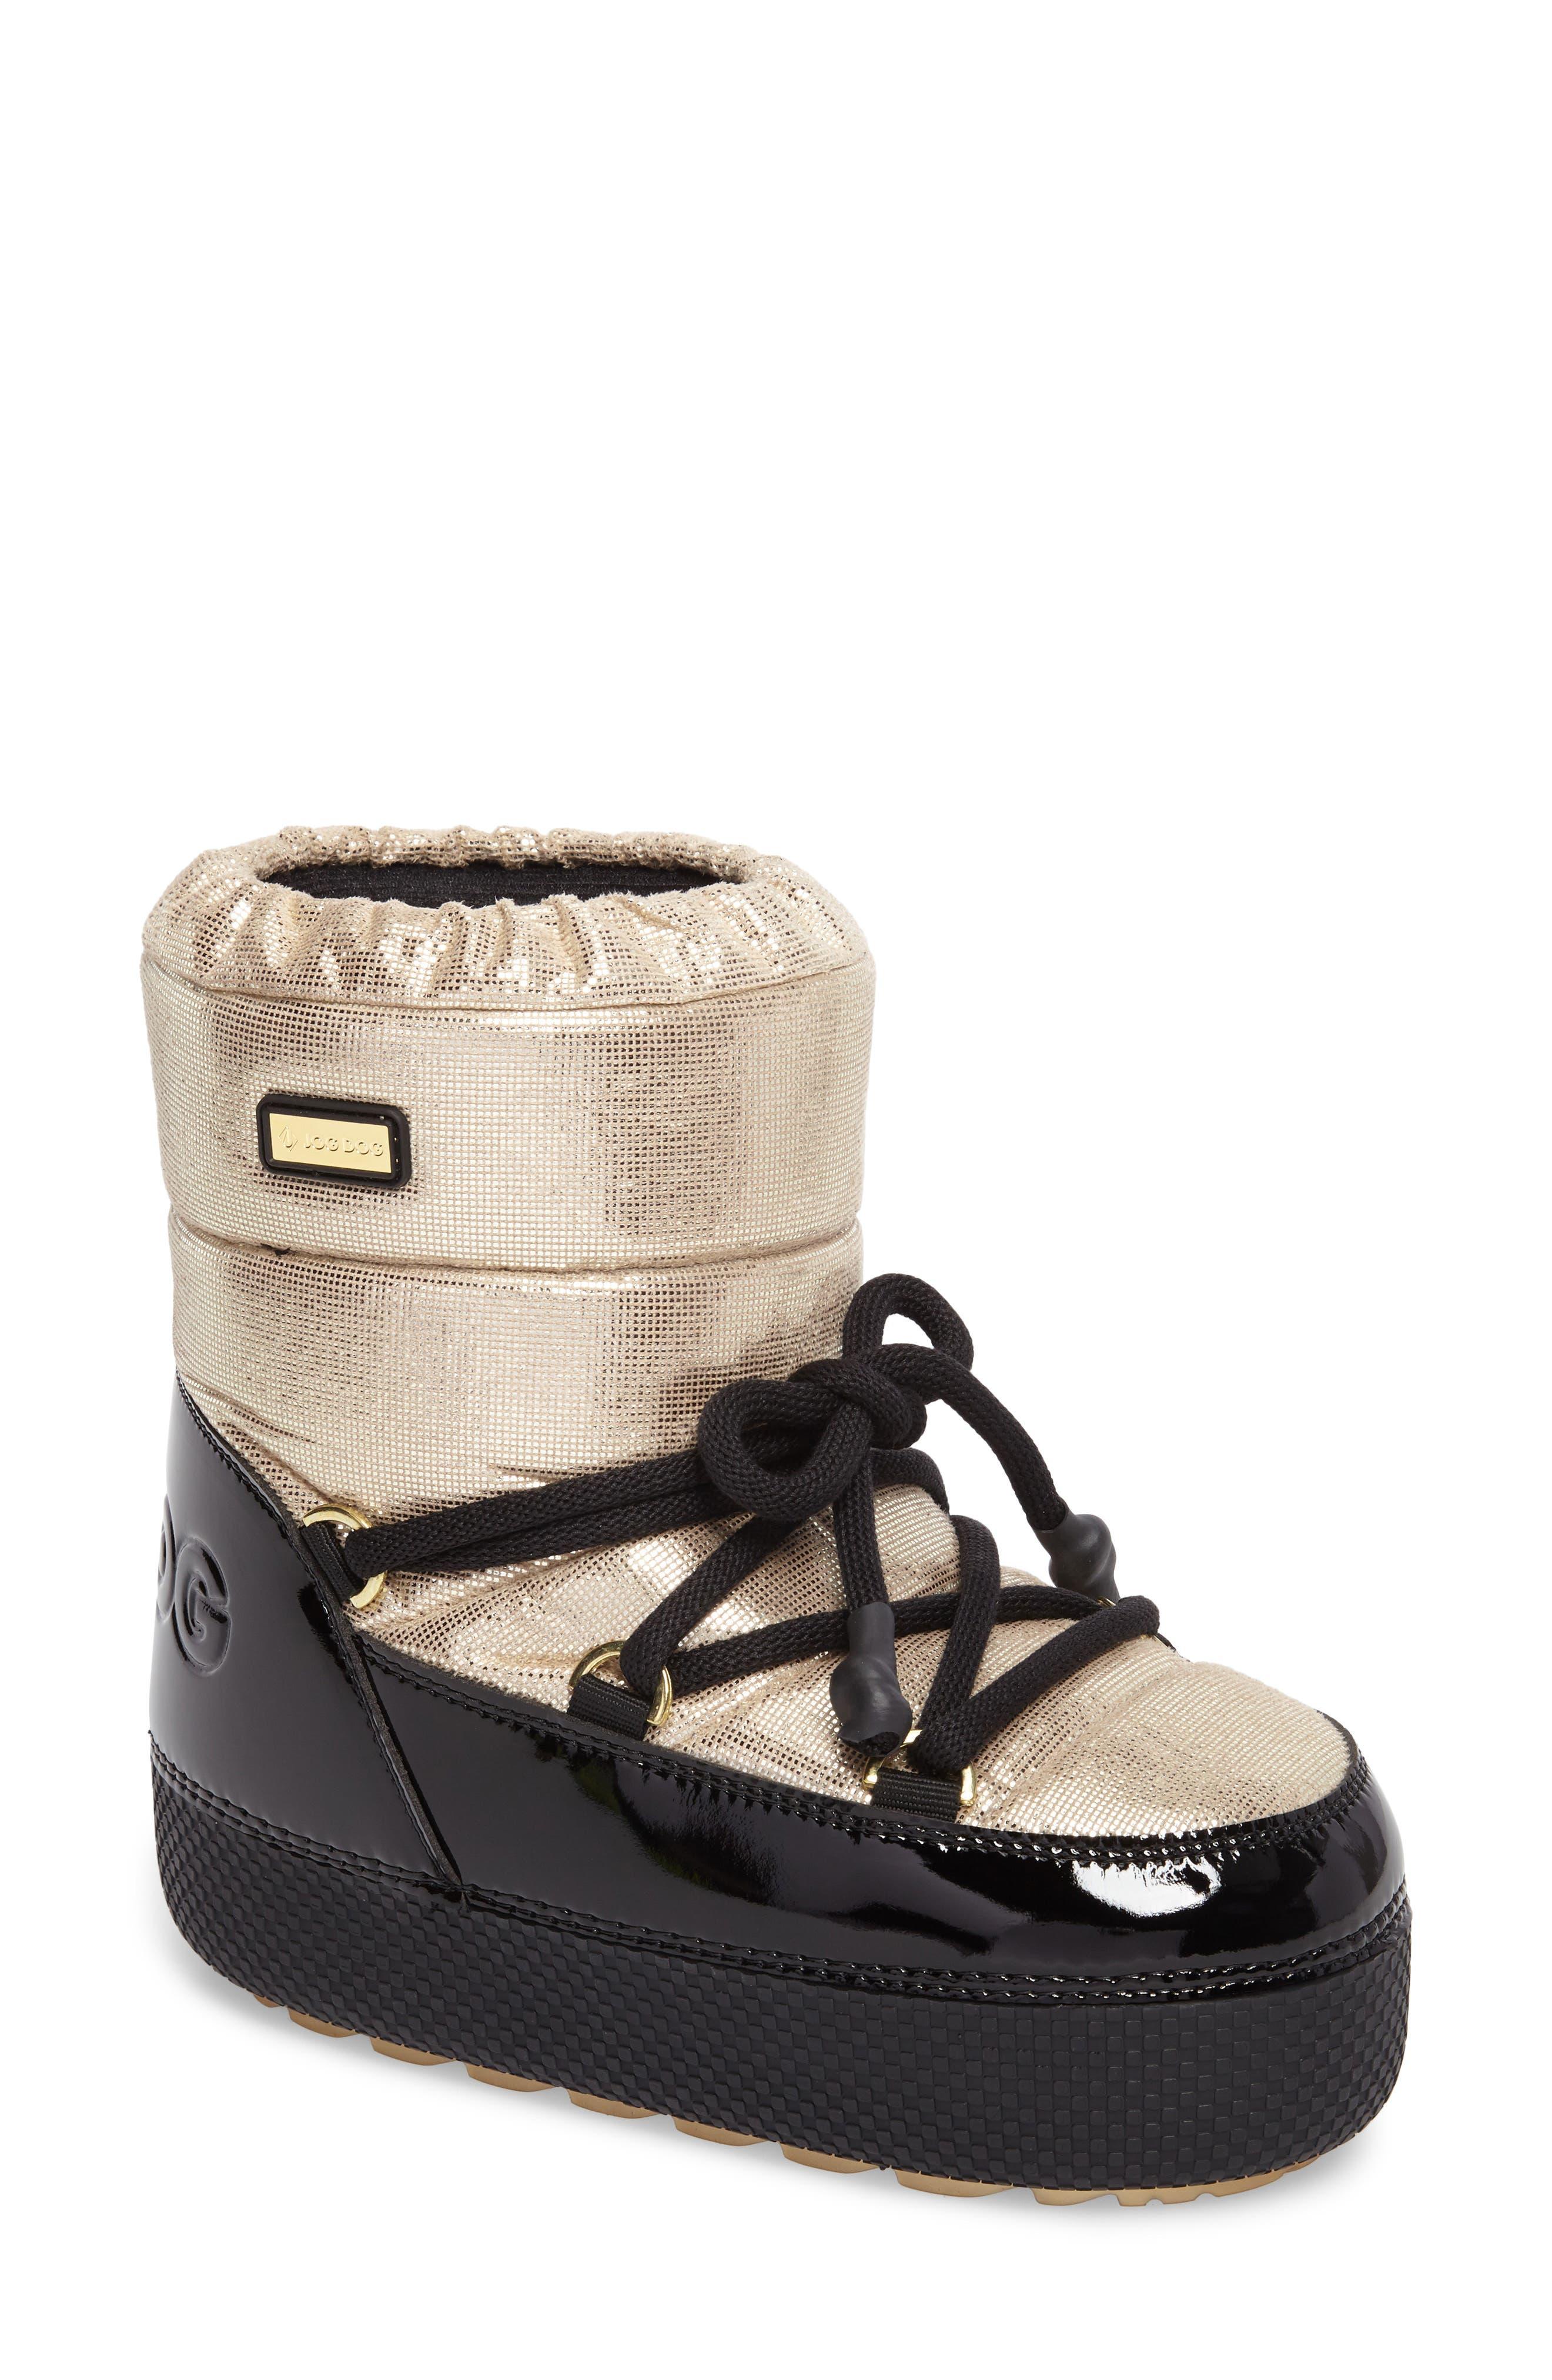 Gstaad Waterproof Boot,                         Main,                         color, Platinum Extralux